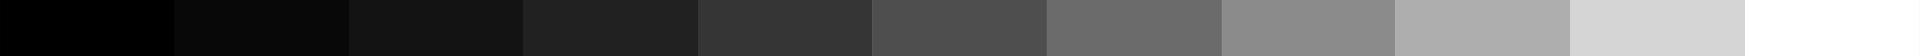 neliniaritate tonuri închise - webinar gestiune de culoare